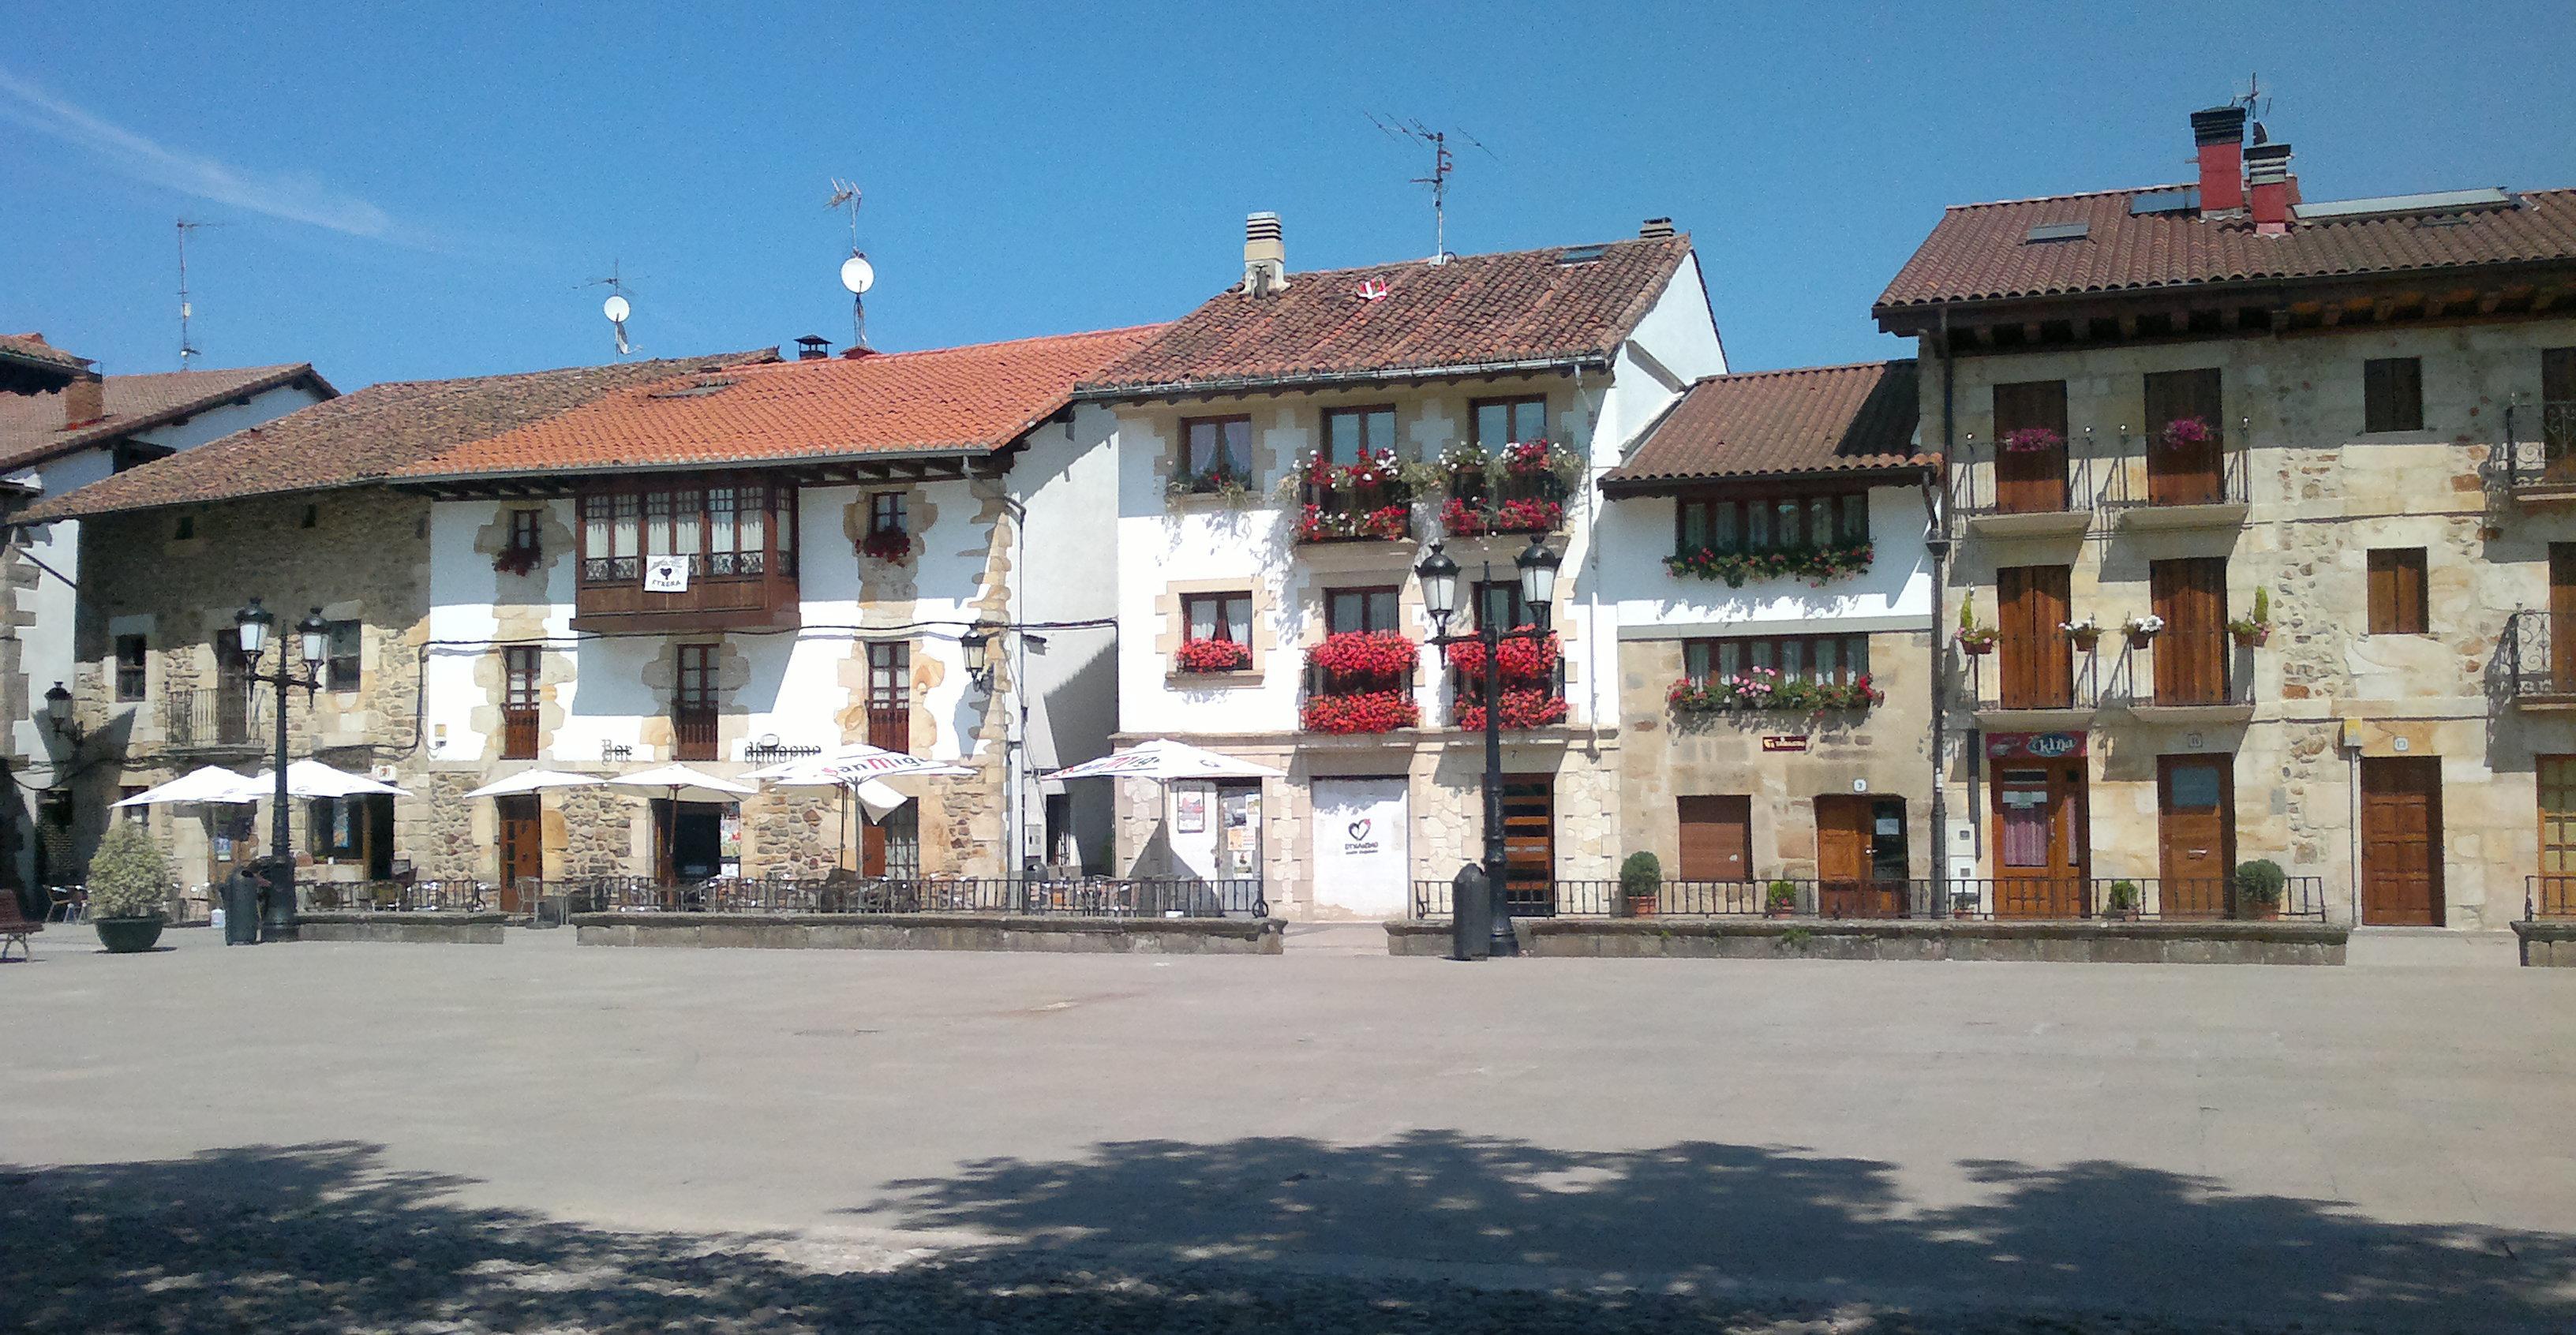 Casas de la plaza